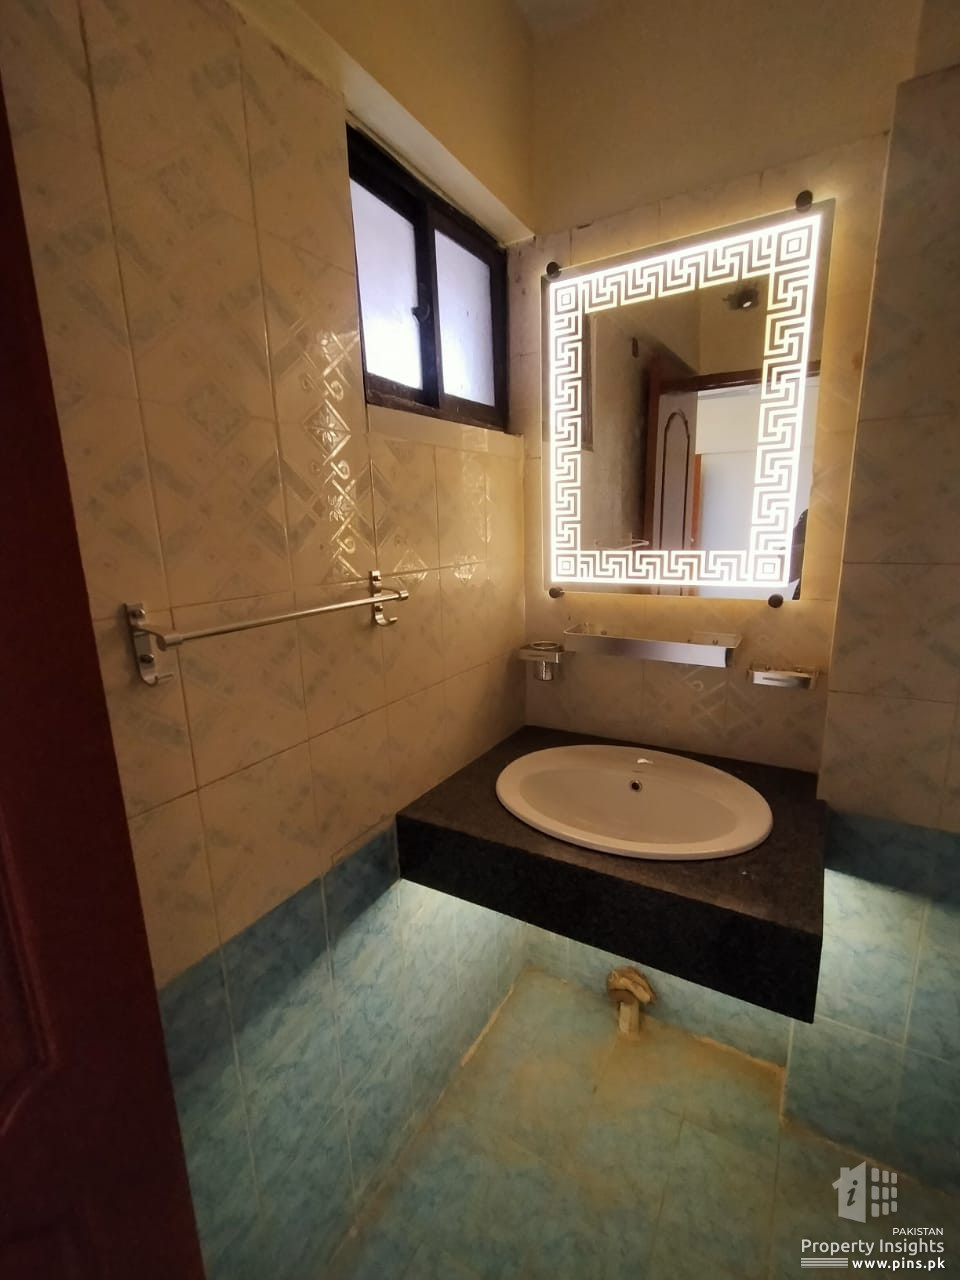 2Bed DD Apartment for Sale in Gulistan-e-Johar Block 7